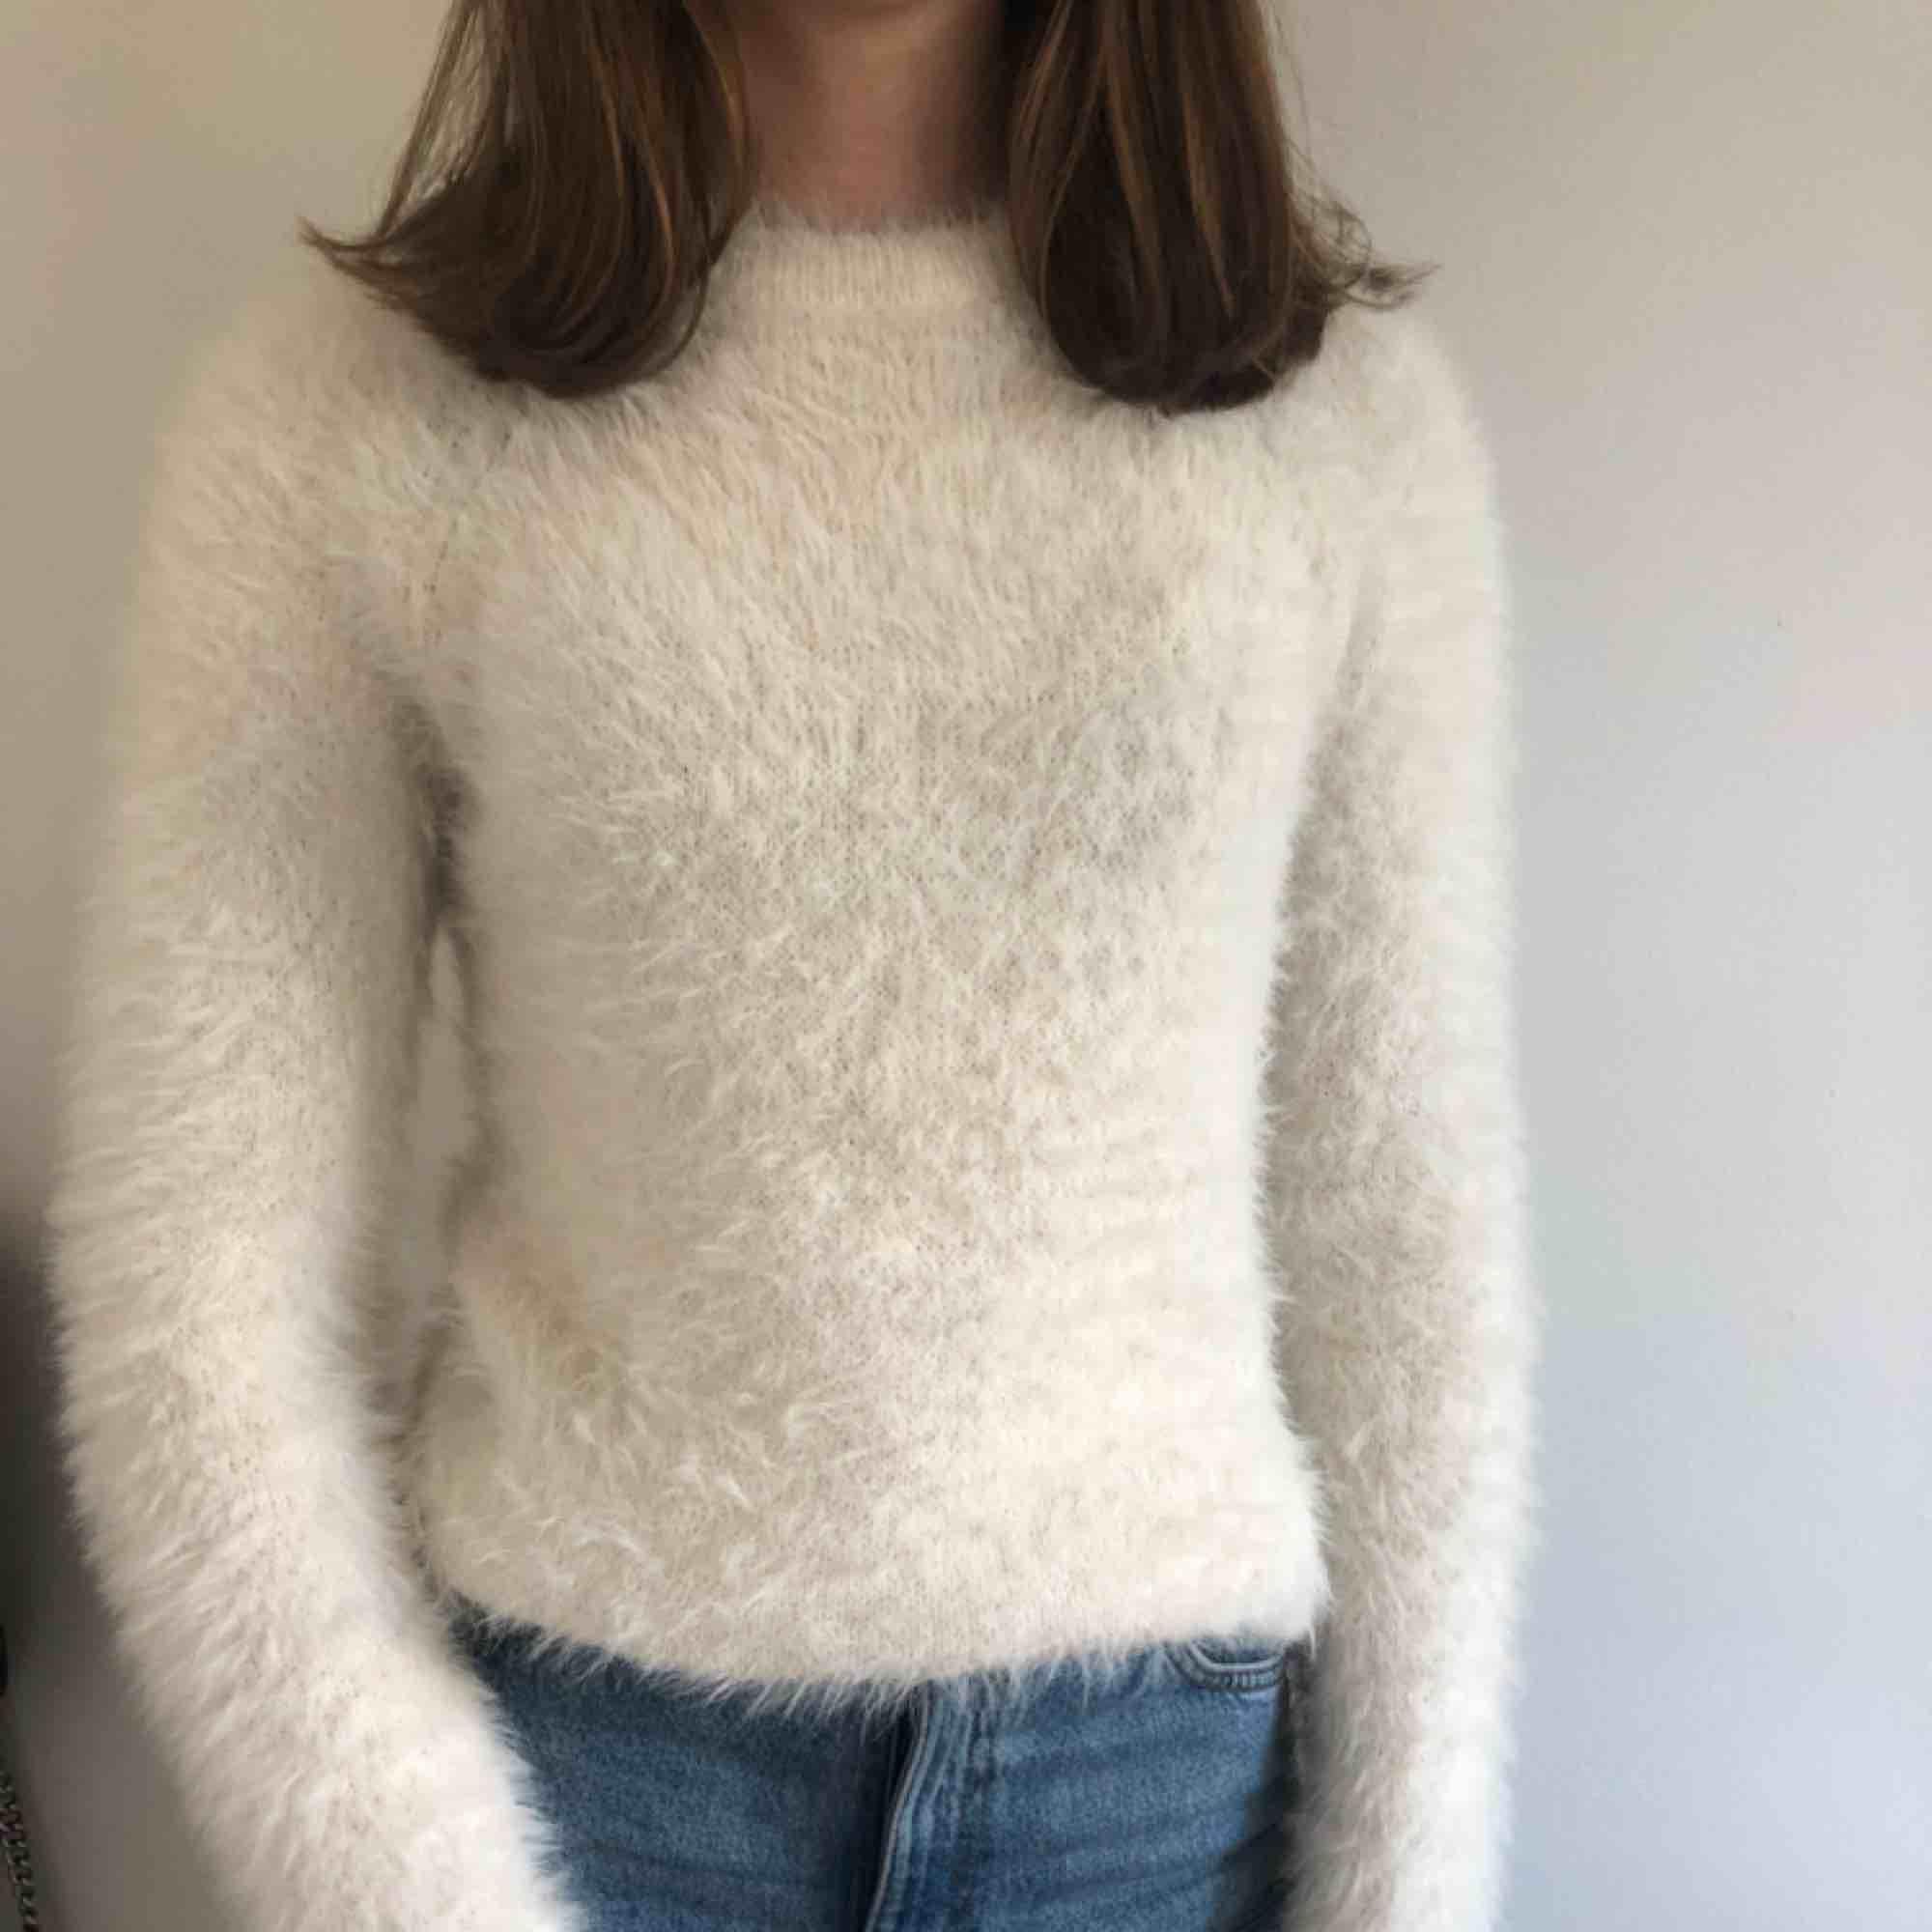 Fluffig, mjuk och jättemysig tröja från Gina som passar perfekt för höst och vinter. Stickat.